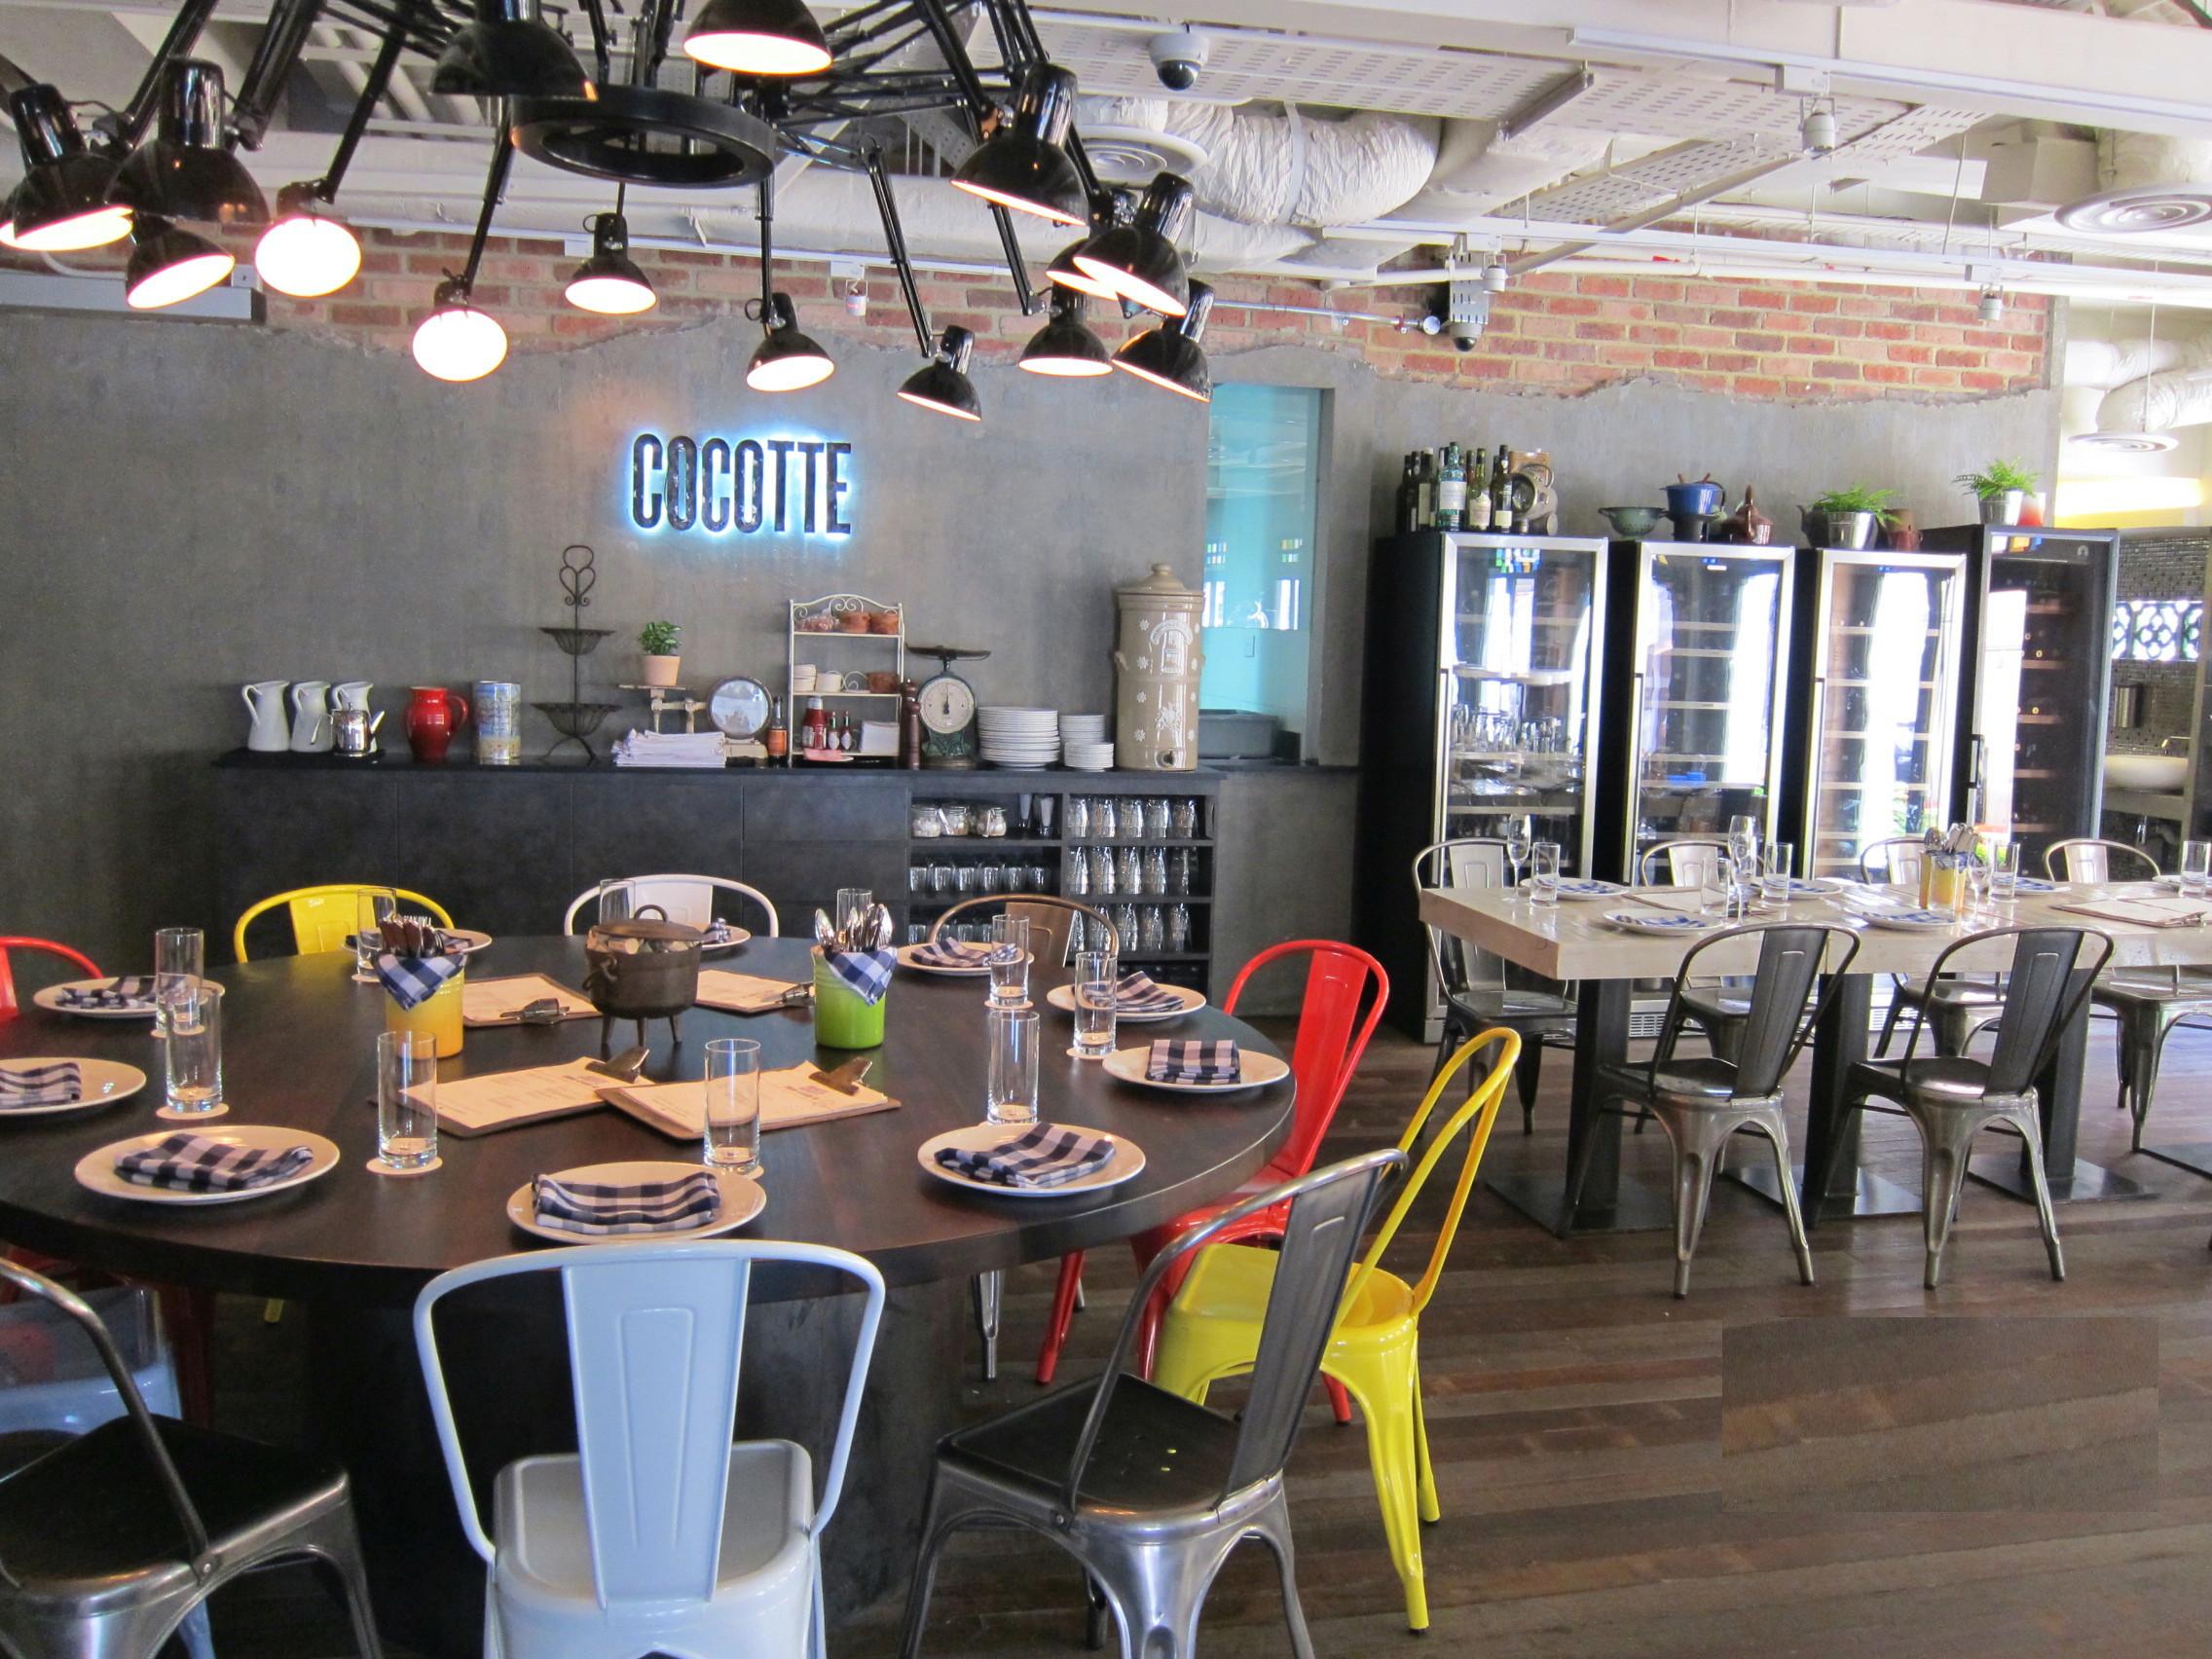 Diseño de restaurantes: Estilo rústico industrial | Marketing ...